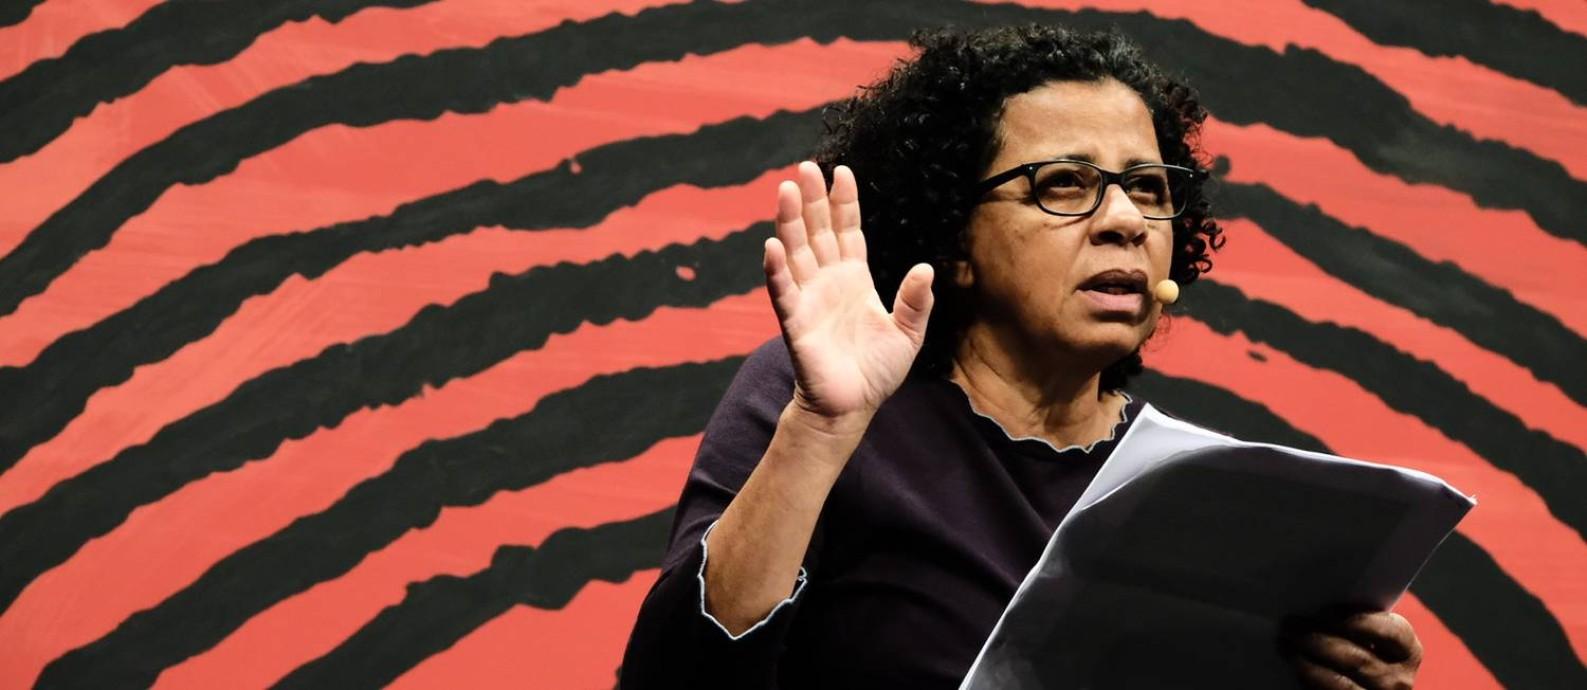 Marilene Felinto na mesa 'Cansanção': escritora teceu críticas a Euclides da Cunha Foto: Divulgação